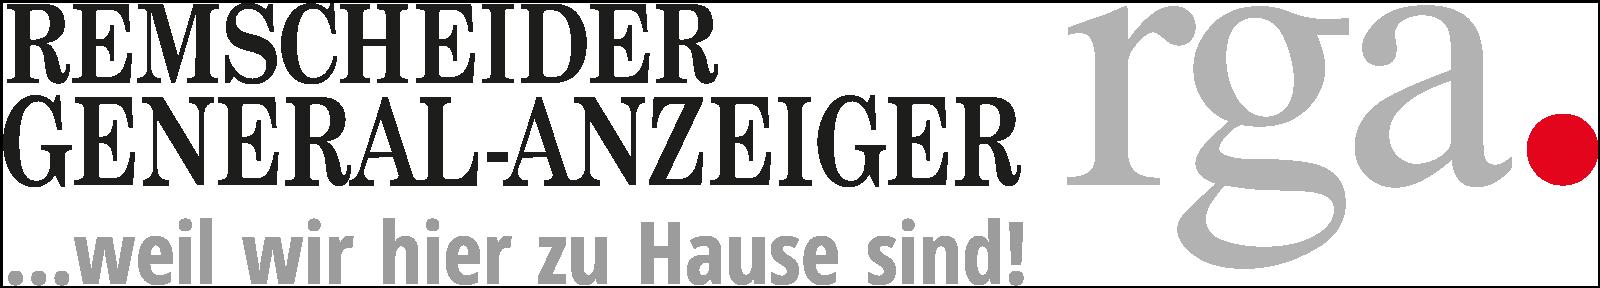 Logo von Remscheider General-Anzeiger